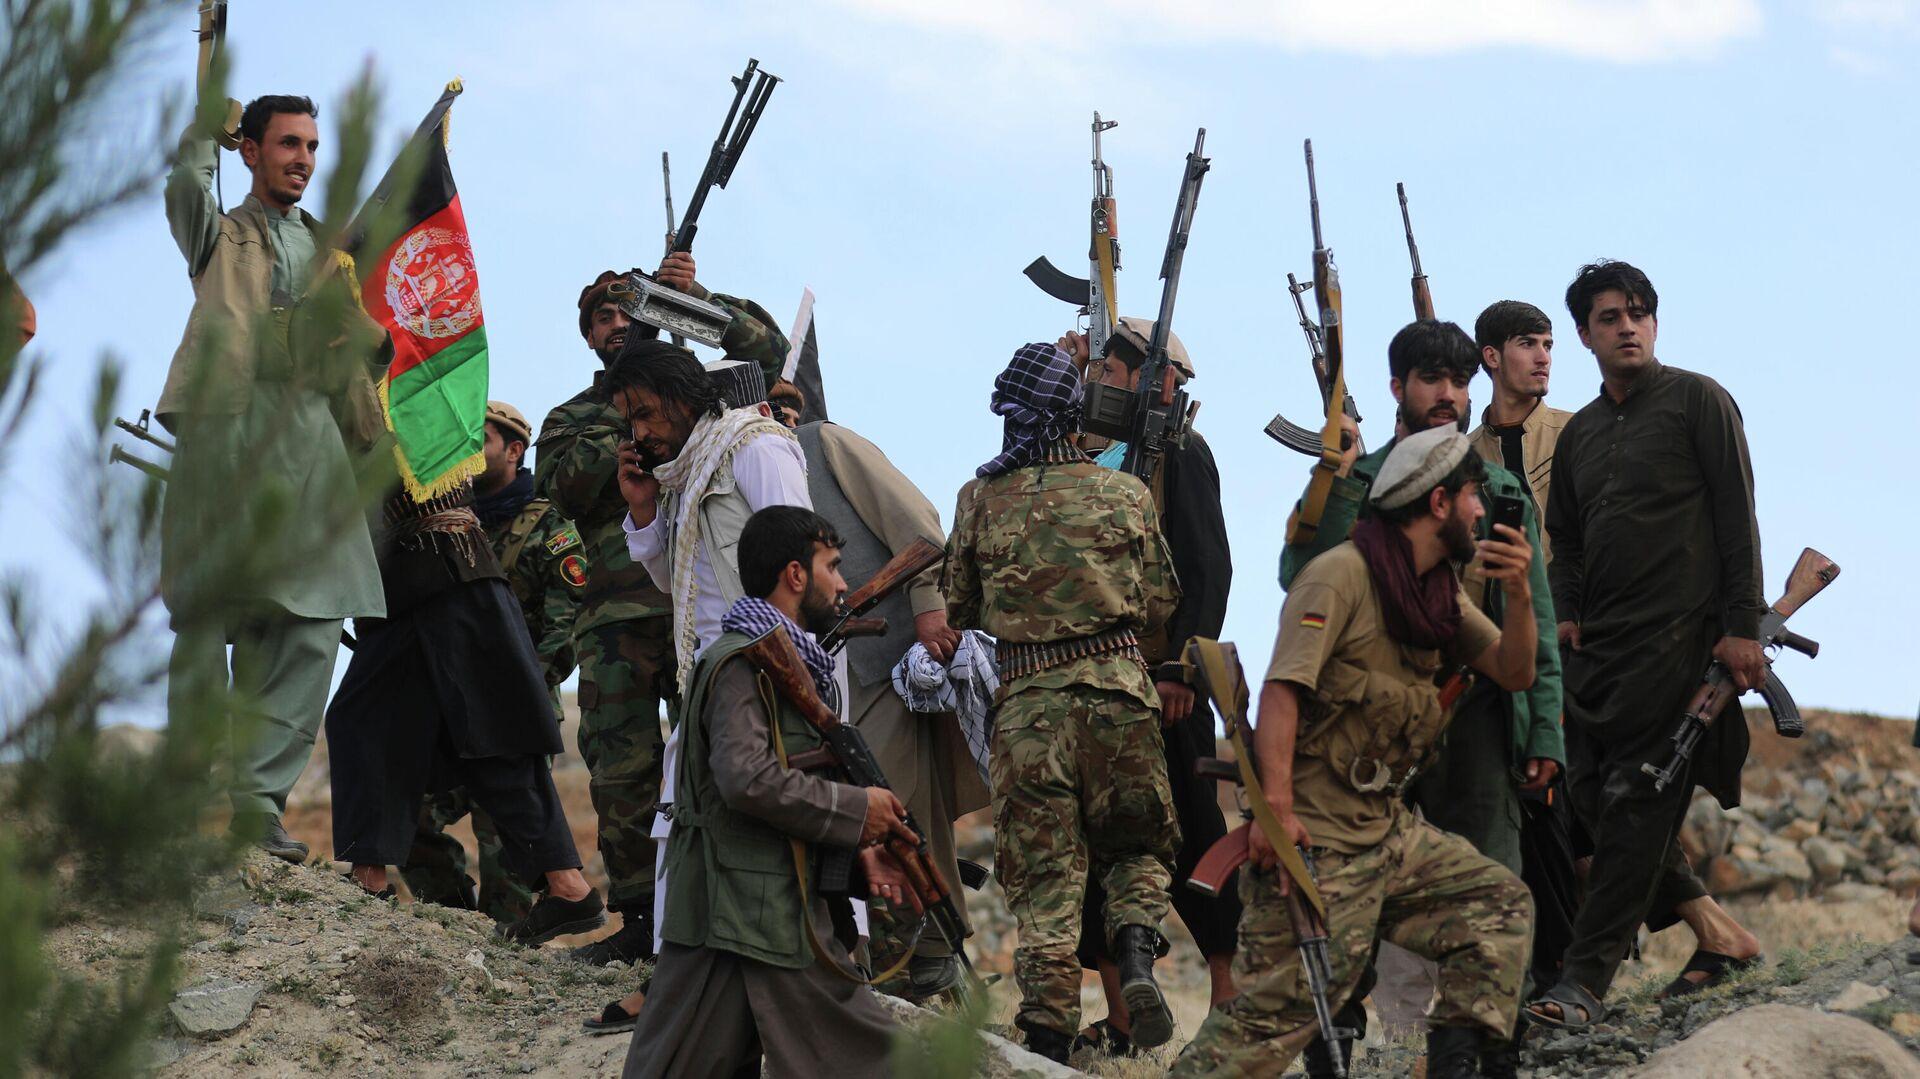 Афганские ополченцы присоединяются к силам обороны Афганистана в Кабуле - Sputnik Тоҷикистон, 1920, 30.07.2021